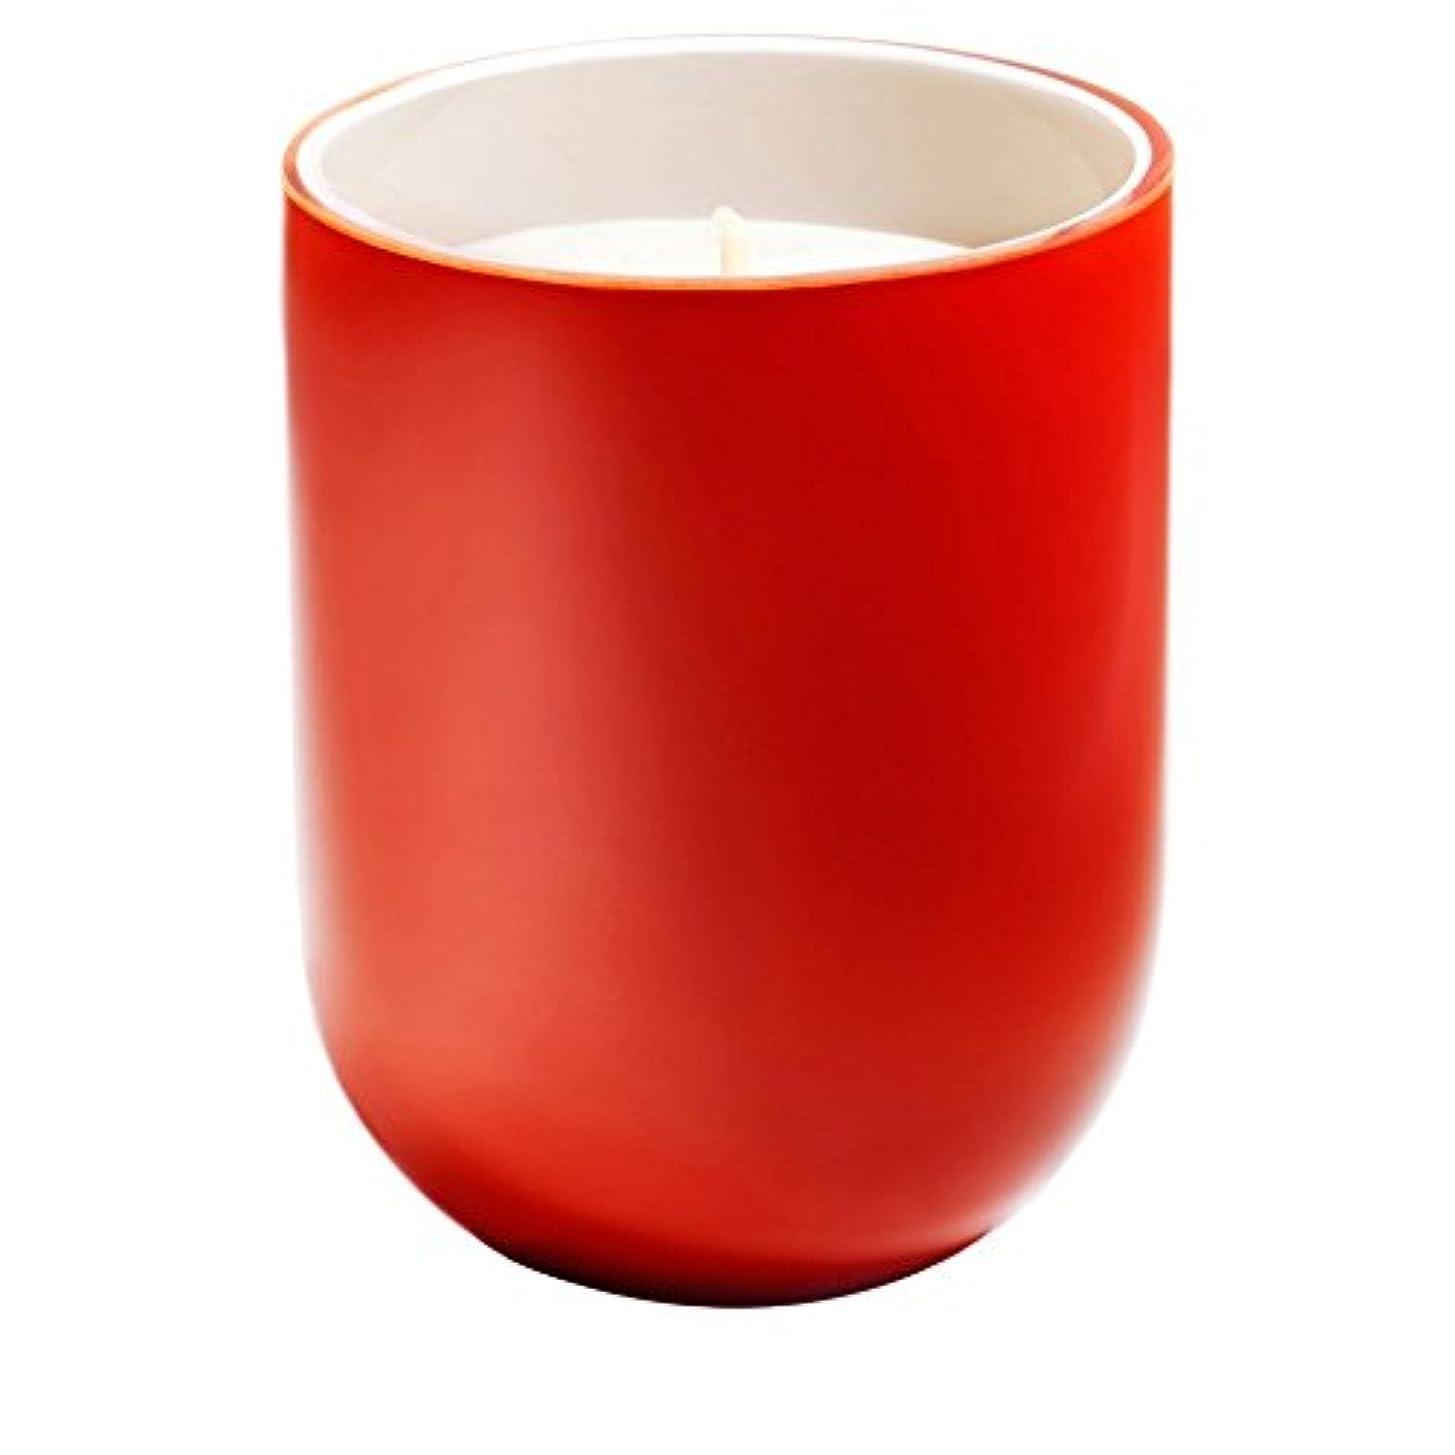 年齢ソケット不安定なFrederic Malle Russian Night Scented Candle (Pack of 2) - フレデリック?マルロシアの夜香りのキャンドル x2 [並行輸入品]